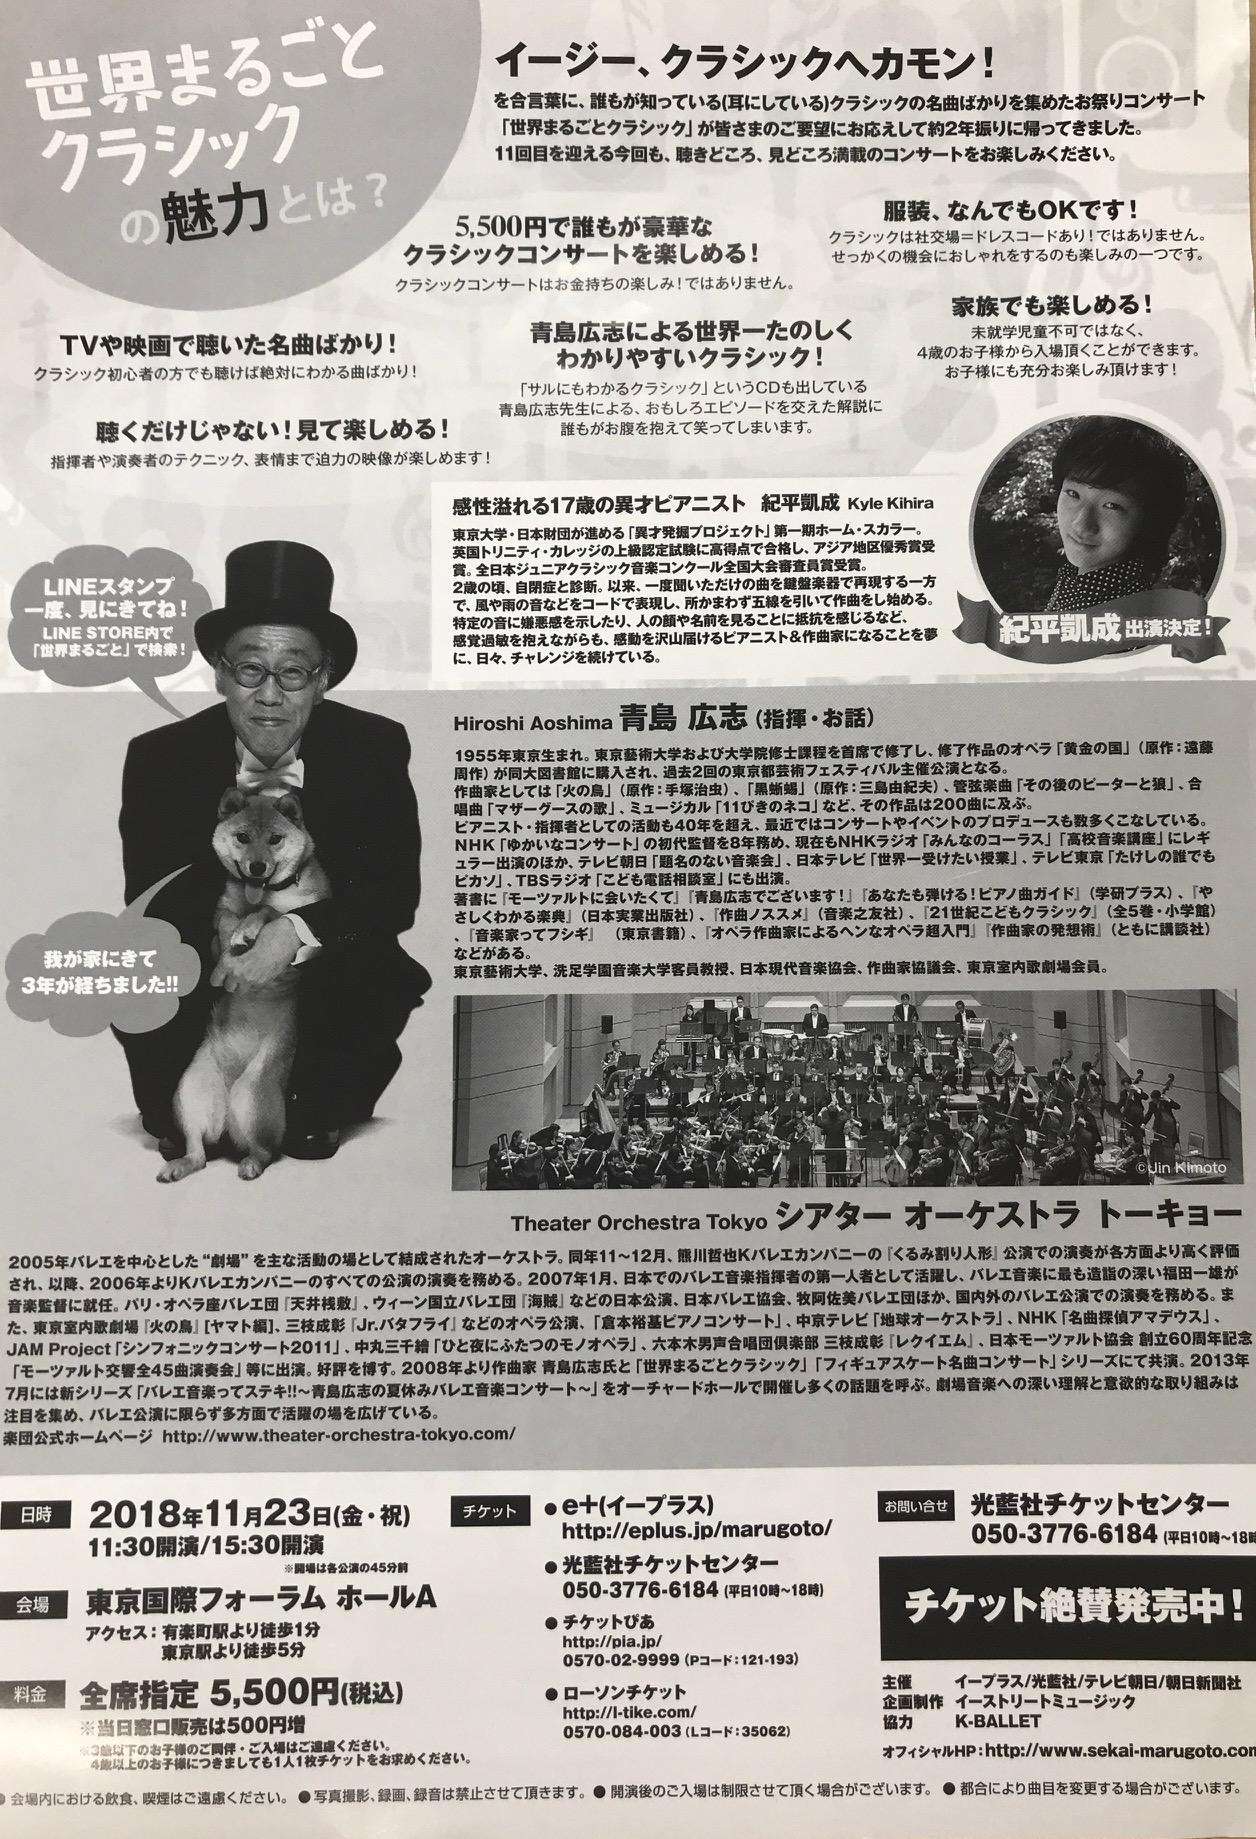 世界まるごとクラシックの魅力とは?公演概要とともに紀平凱成くんのプロフィールなども掲載。